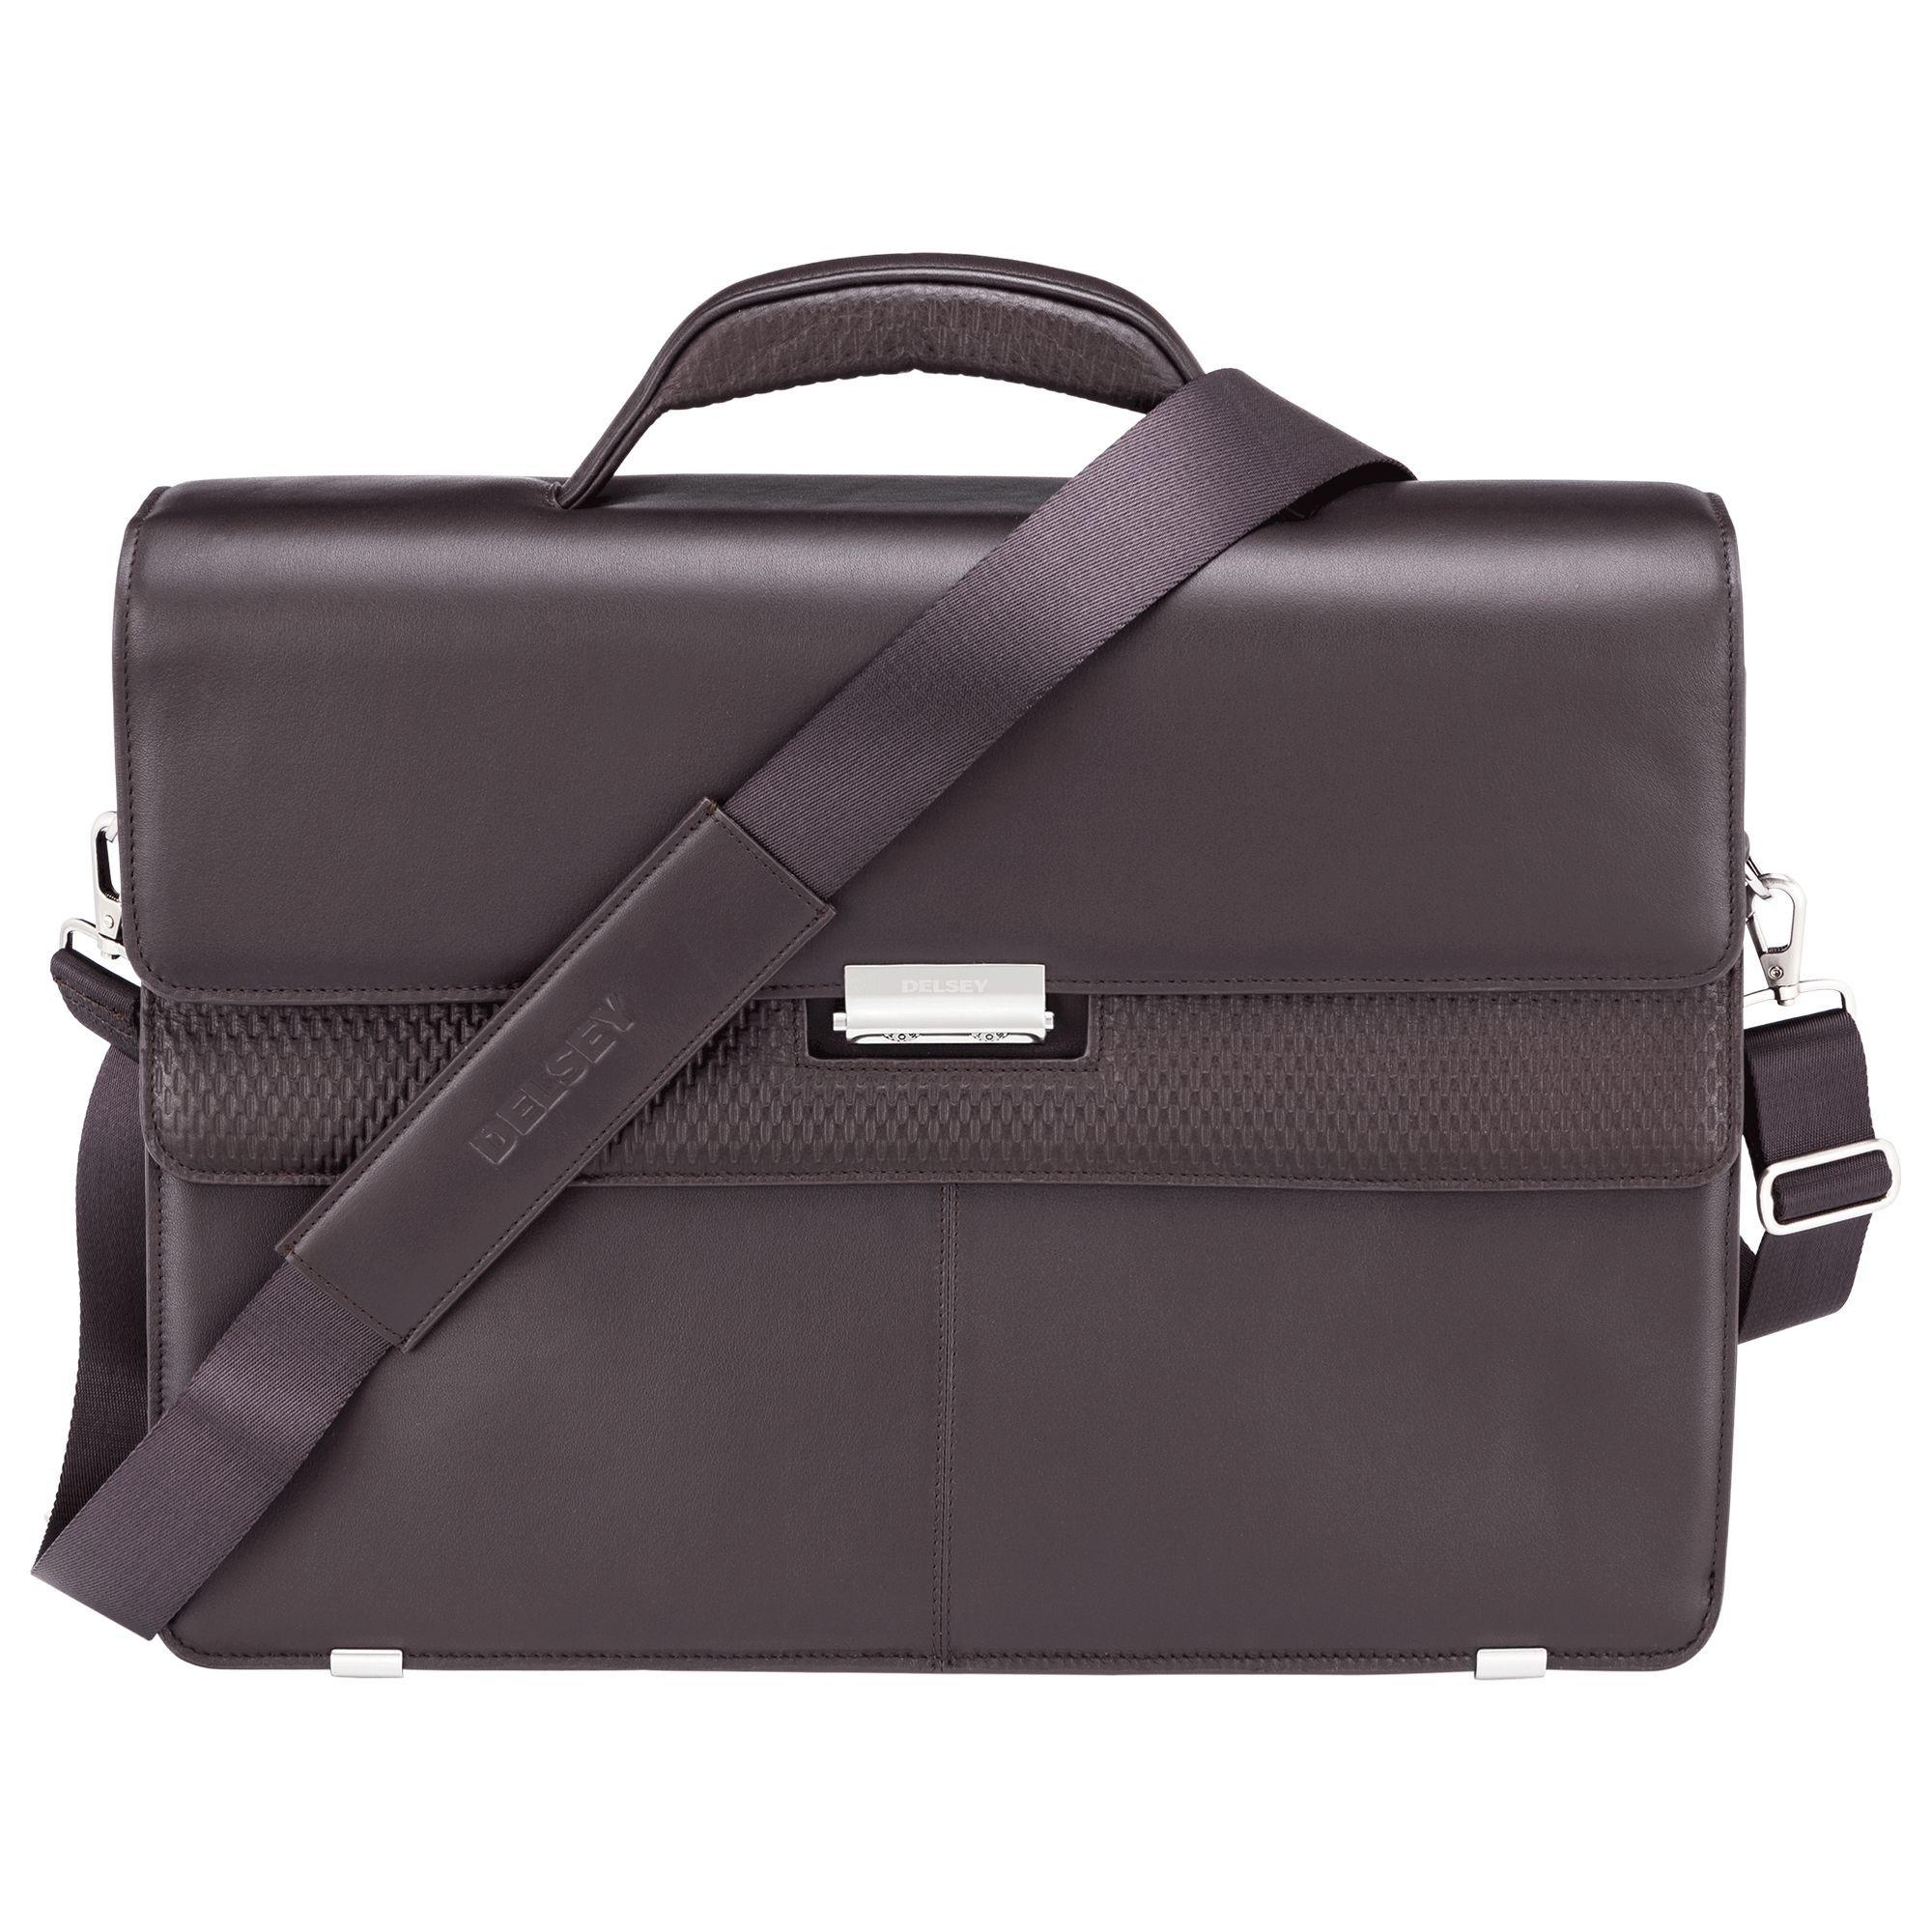 Delsey Chaillot Businesstasche 3 Fächer mit PC Schutz Braun